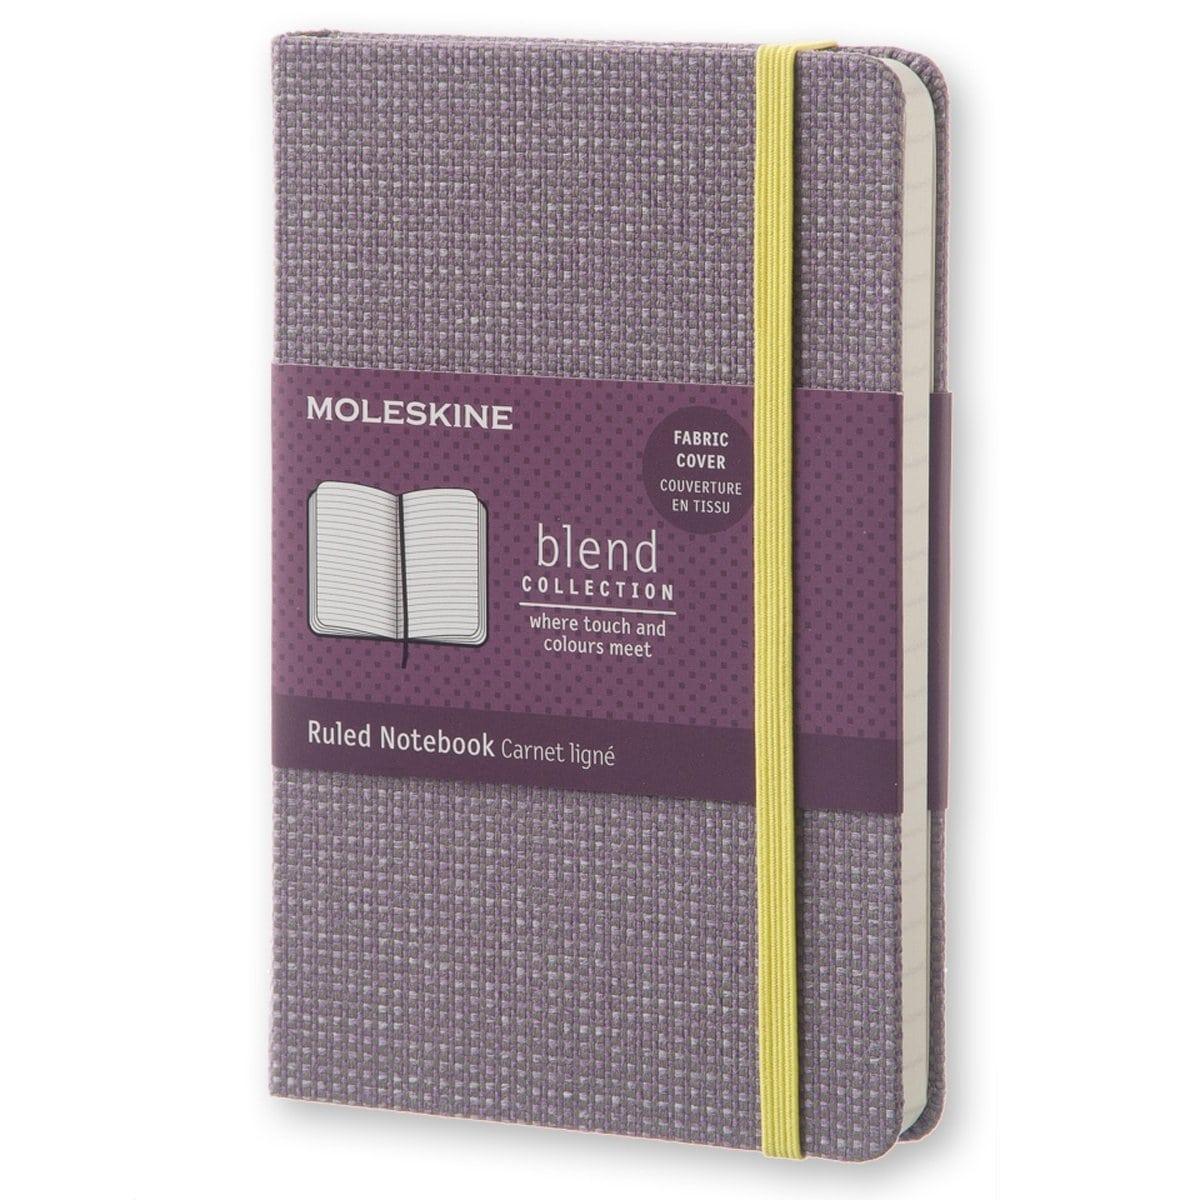 Moleskine Blend Limited Collection Pocket Ruled Violet